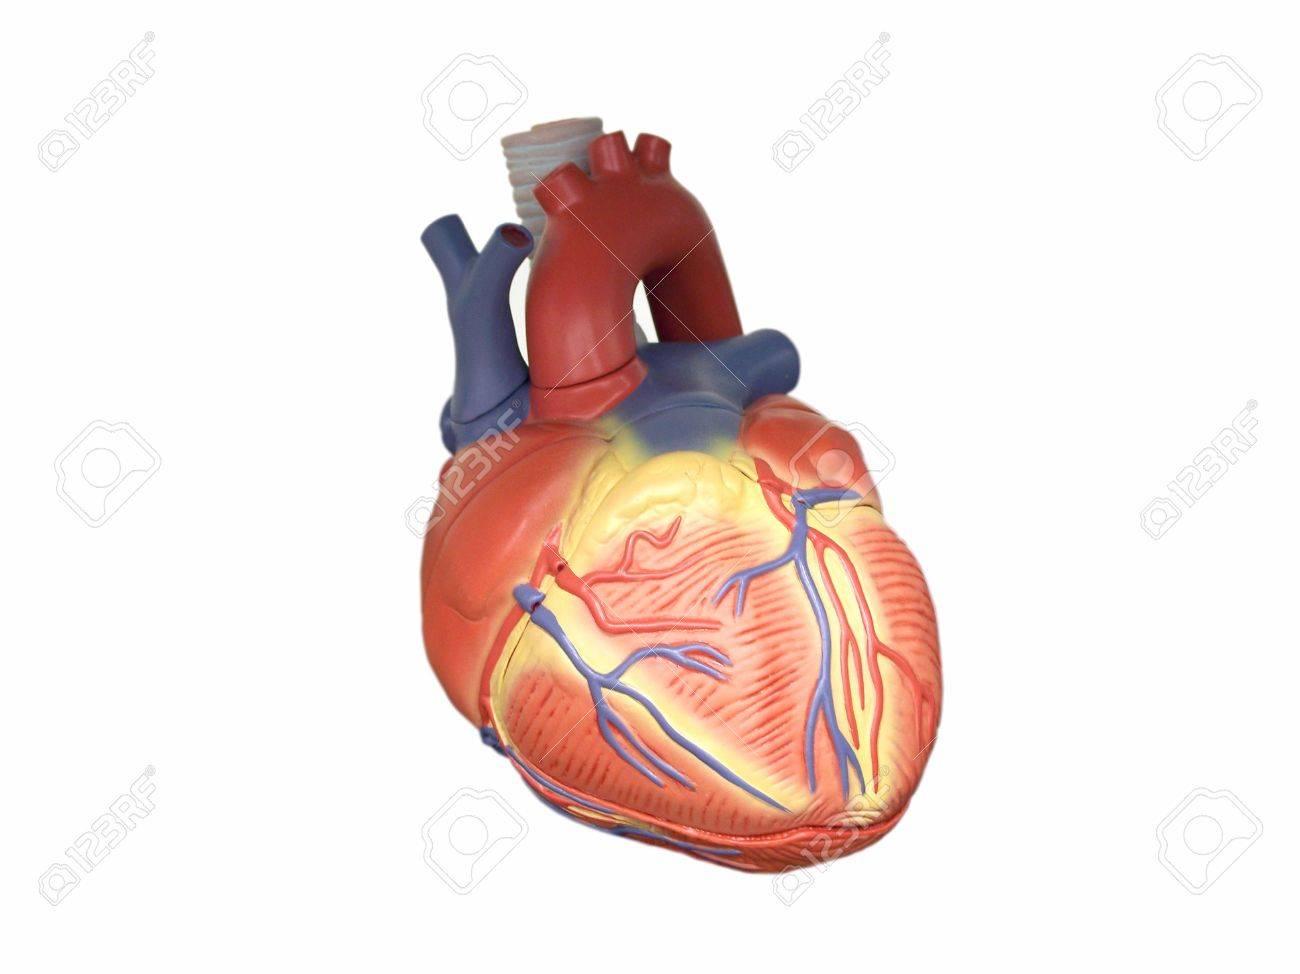 Anatomic Modell Des Menschlichen Herzens Isoliert Auf Weißem ...